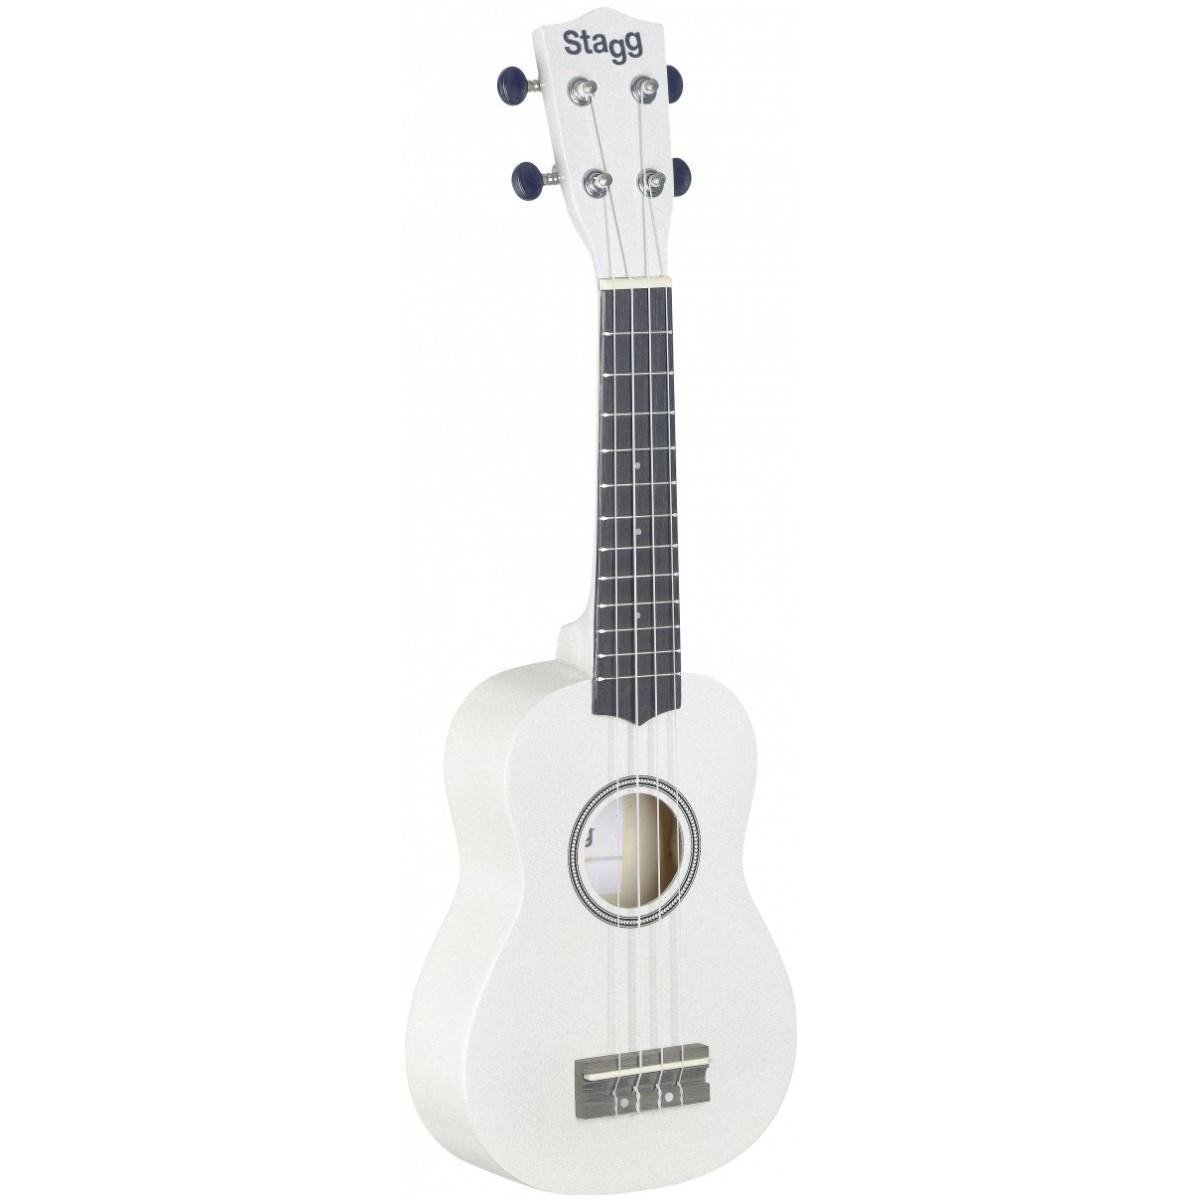 Stagg US-WHITE, sopránové ukulele